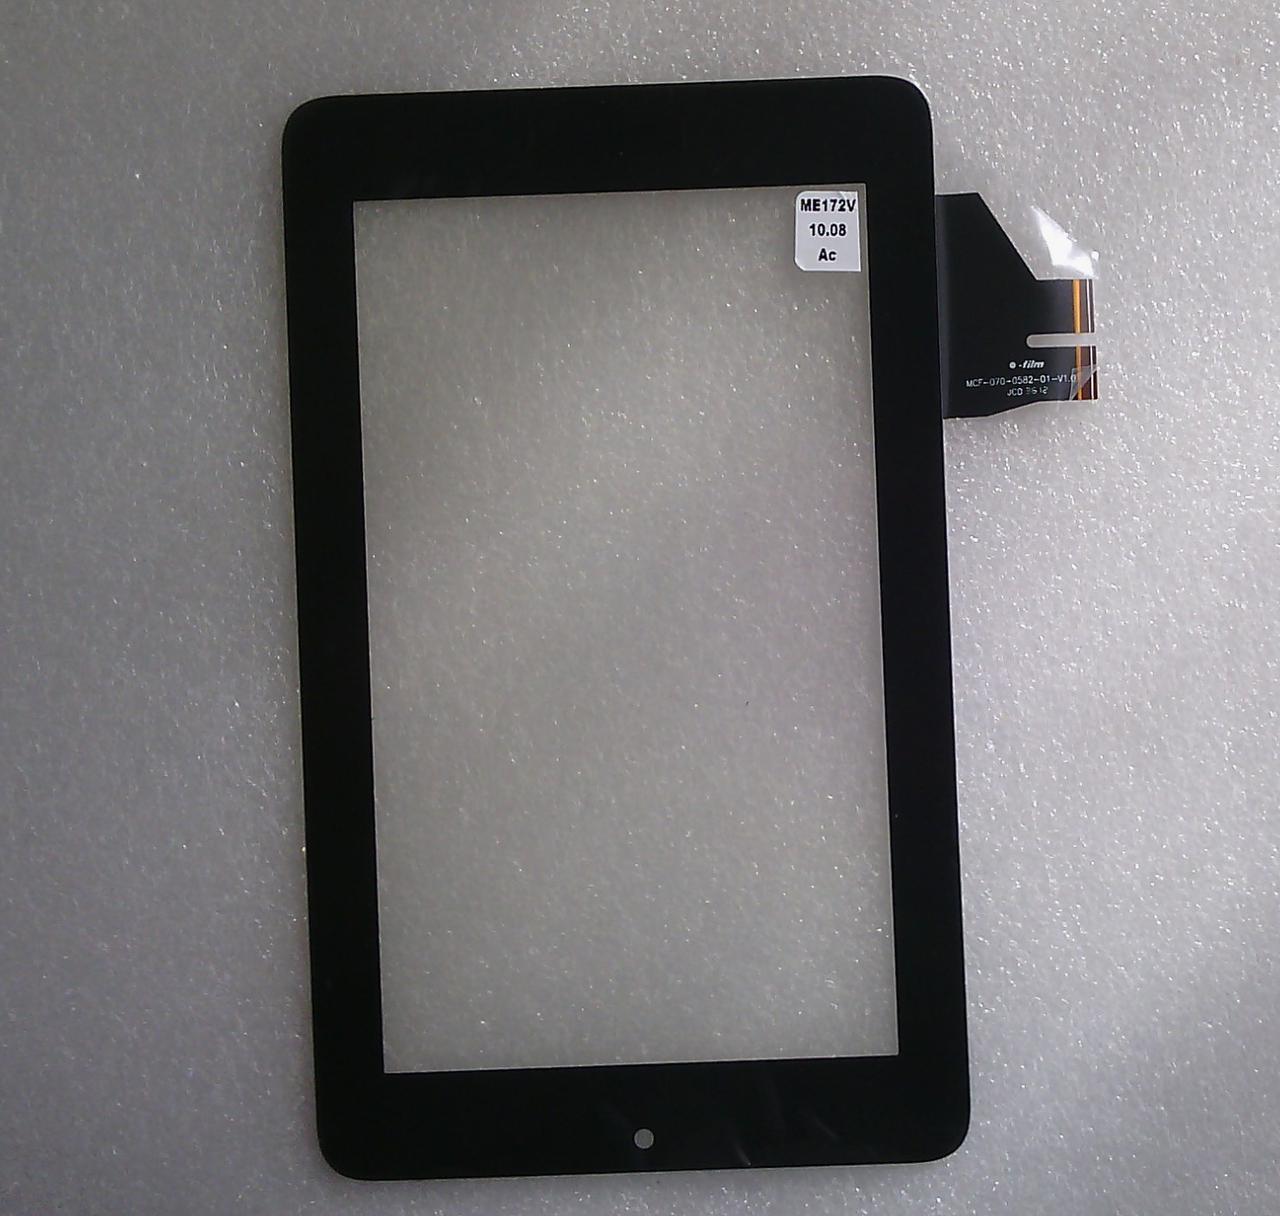 Сенсор Asus ME172/ME172V MeMo Pad (MCF-070-0582-01-V1.0) black